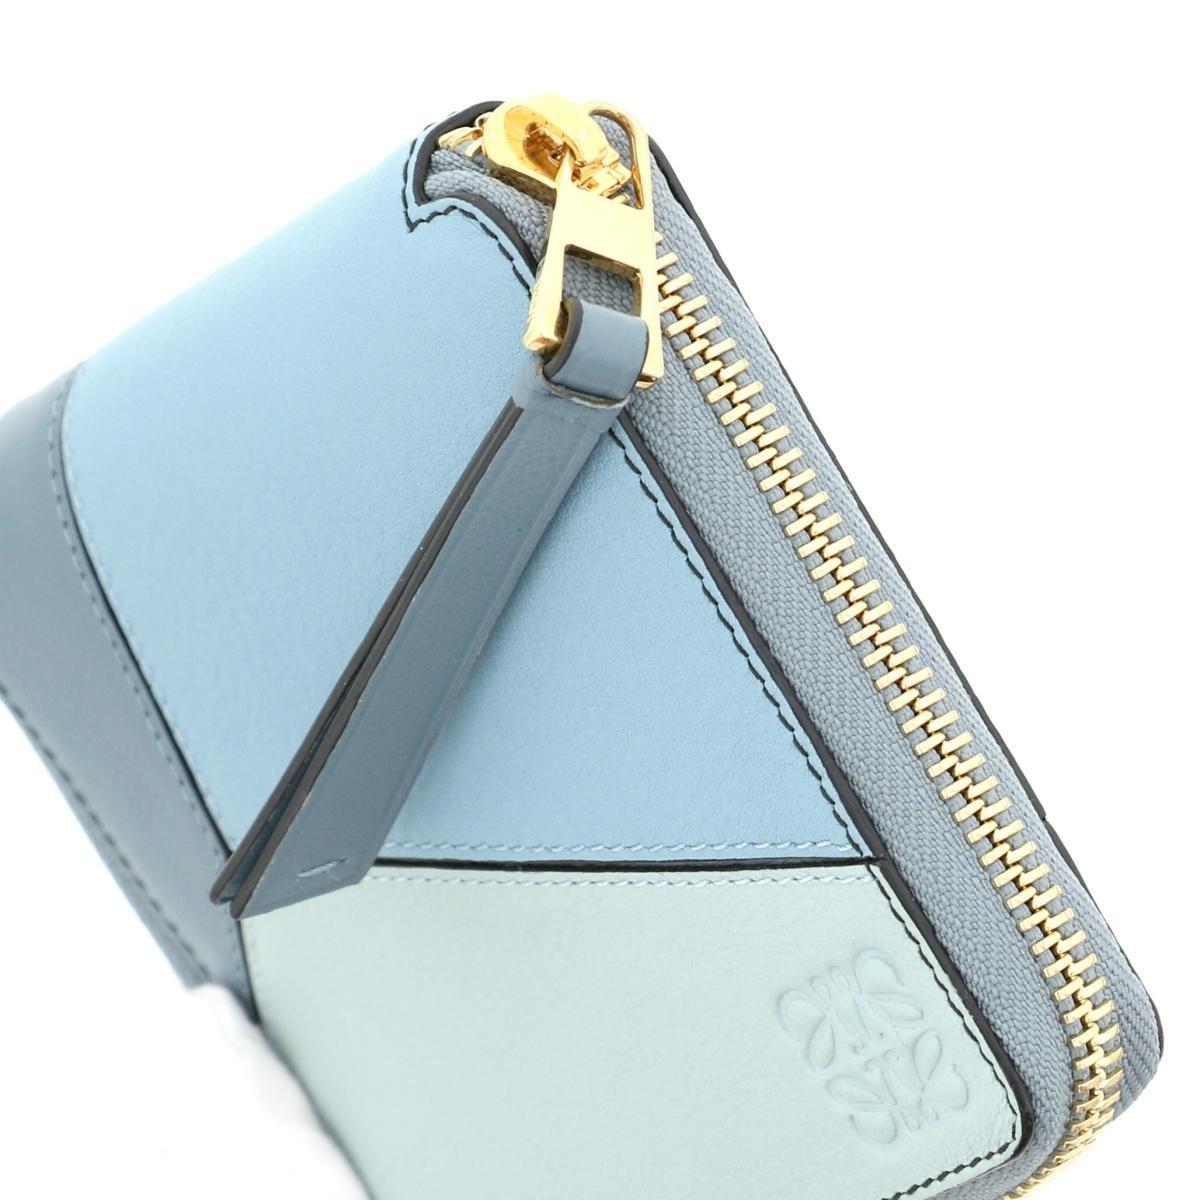 【即日発送・水曜定休日・木曜発送】【中古】【RI】 LOEWE (ロエベ) パズル スクエアジップアラウンド ウォレット 財布 二つ折り財布(小銭入有) PUZZLE SQUARE ZIP Blue/ブルー 122.30 used:B